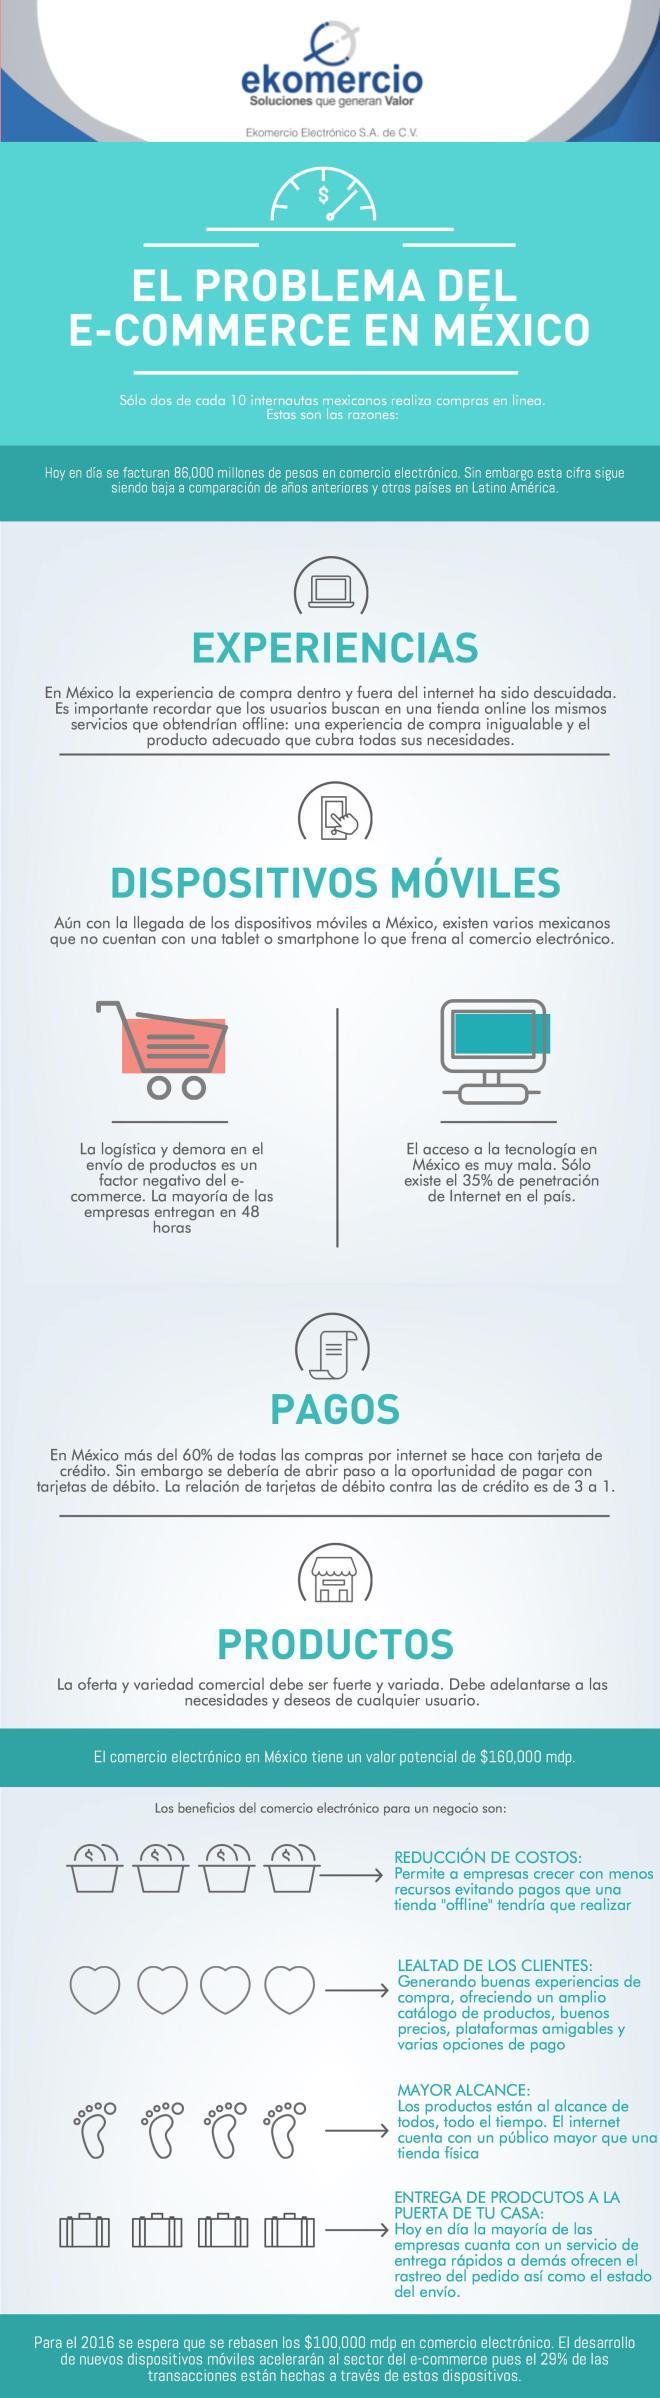 El problema del Comercio Electrónico en México